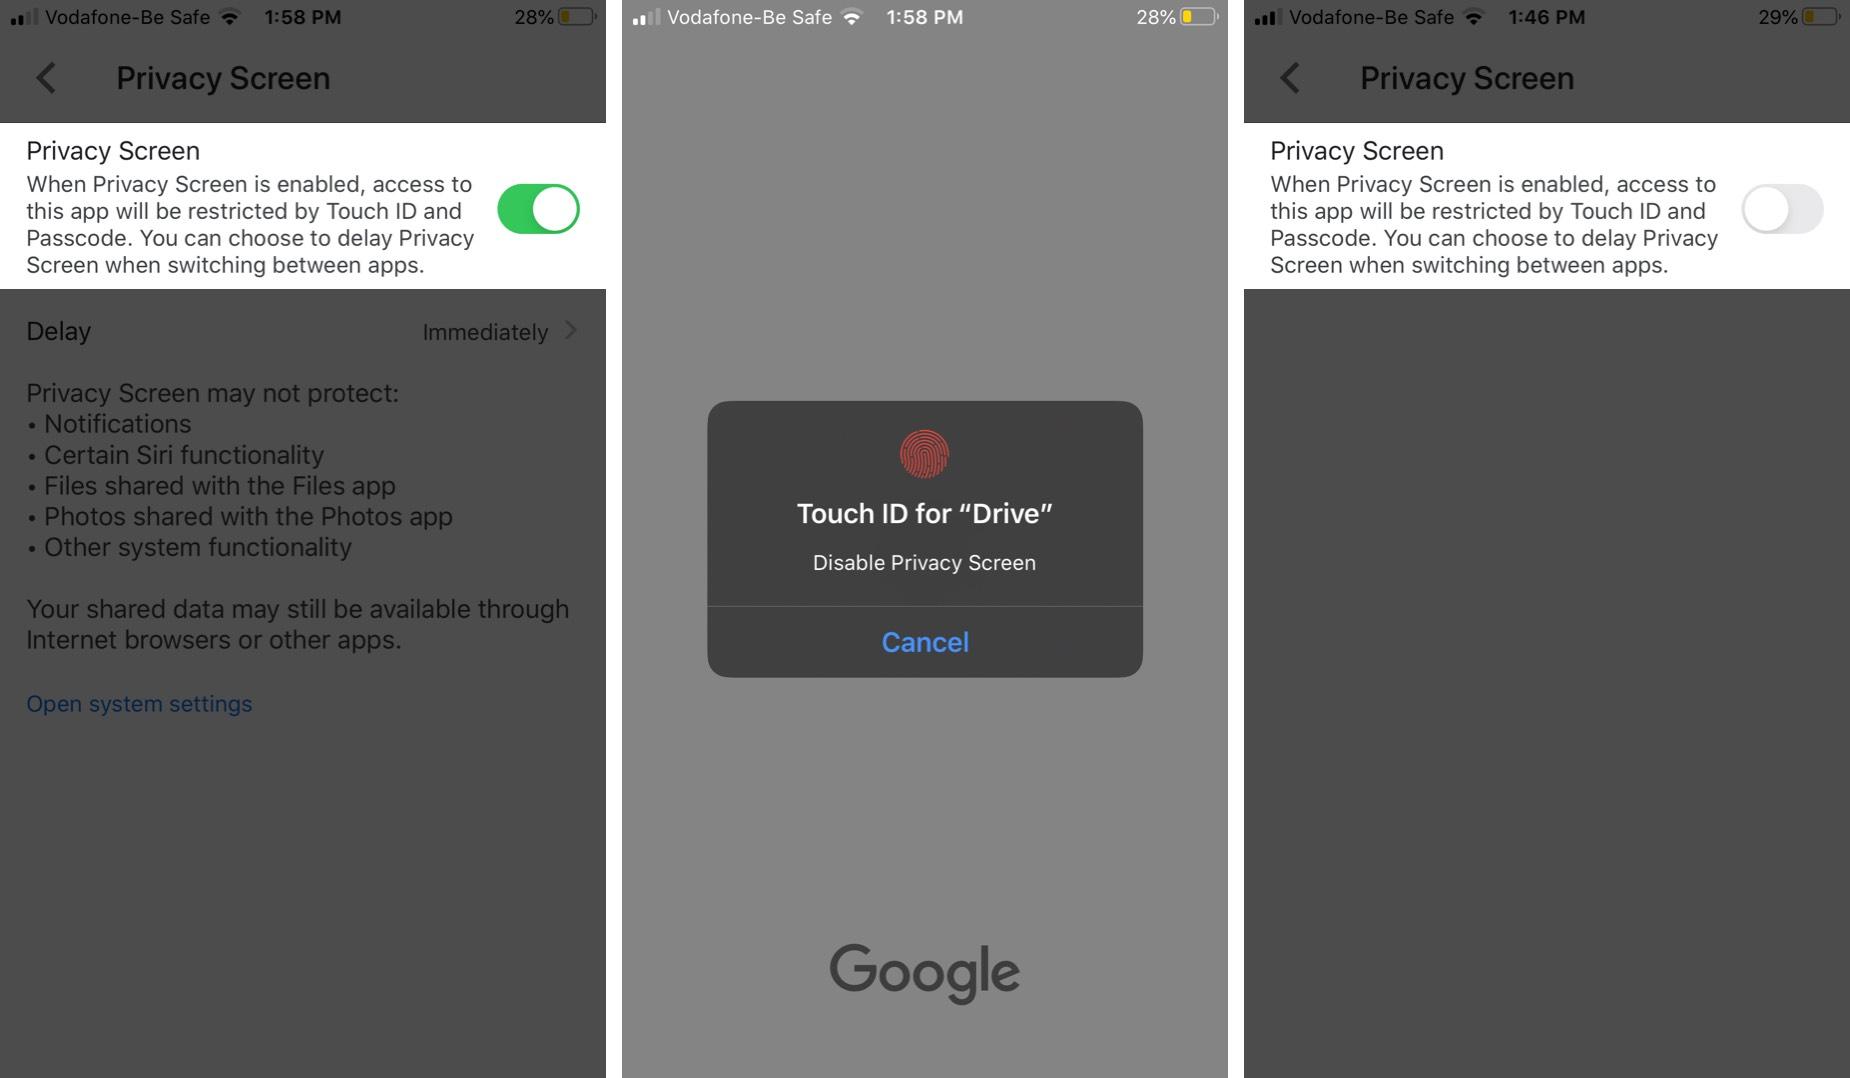 Vô hiệu hóa tính năng bảo mật của Google Drive trên iPhone